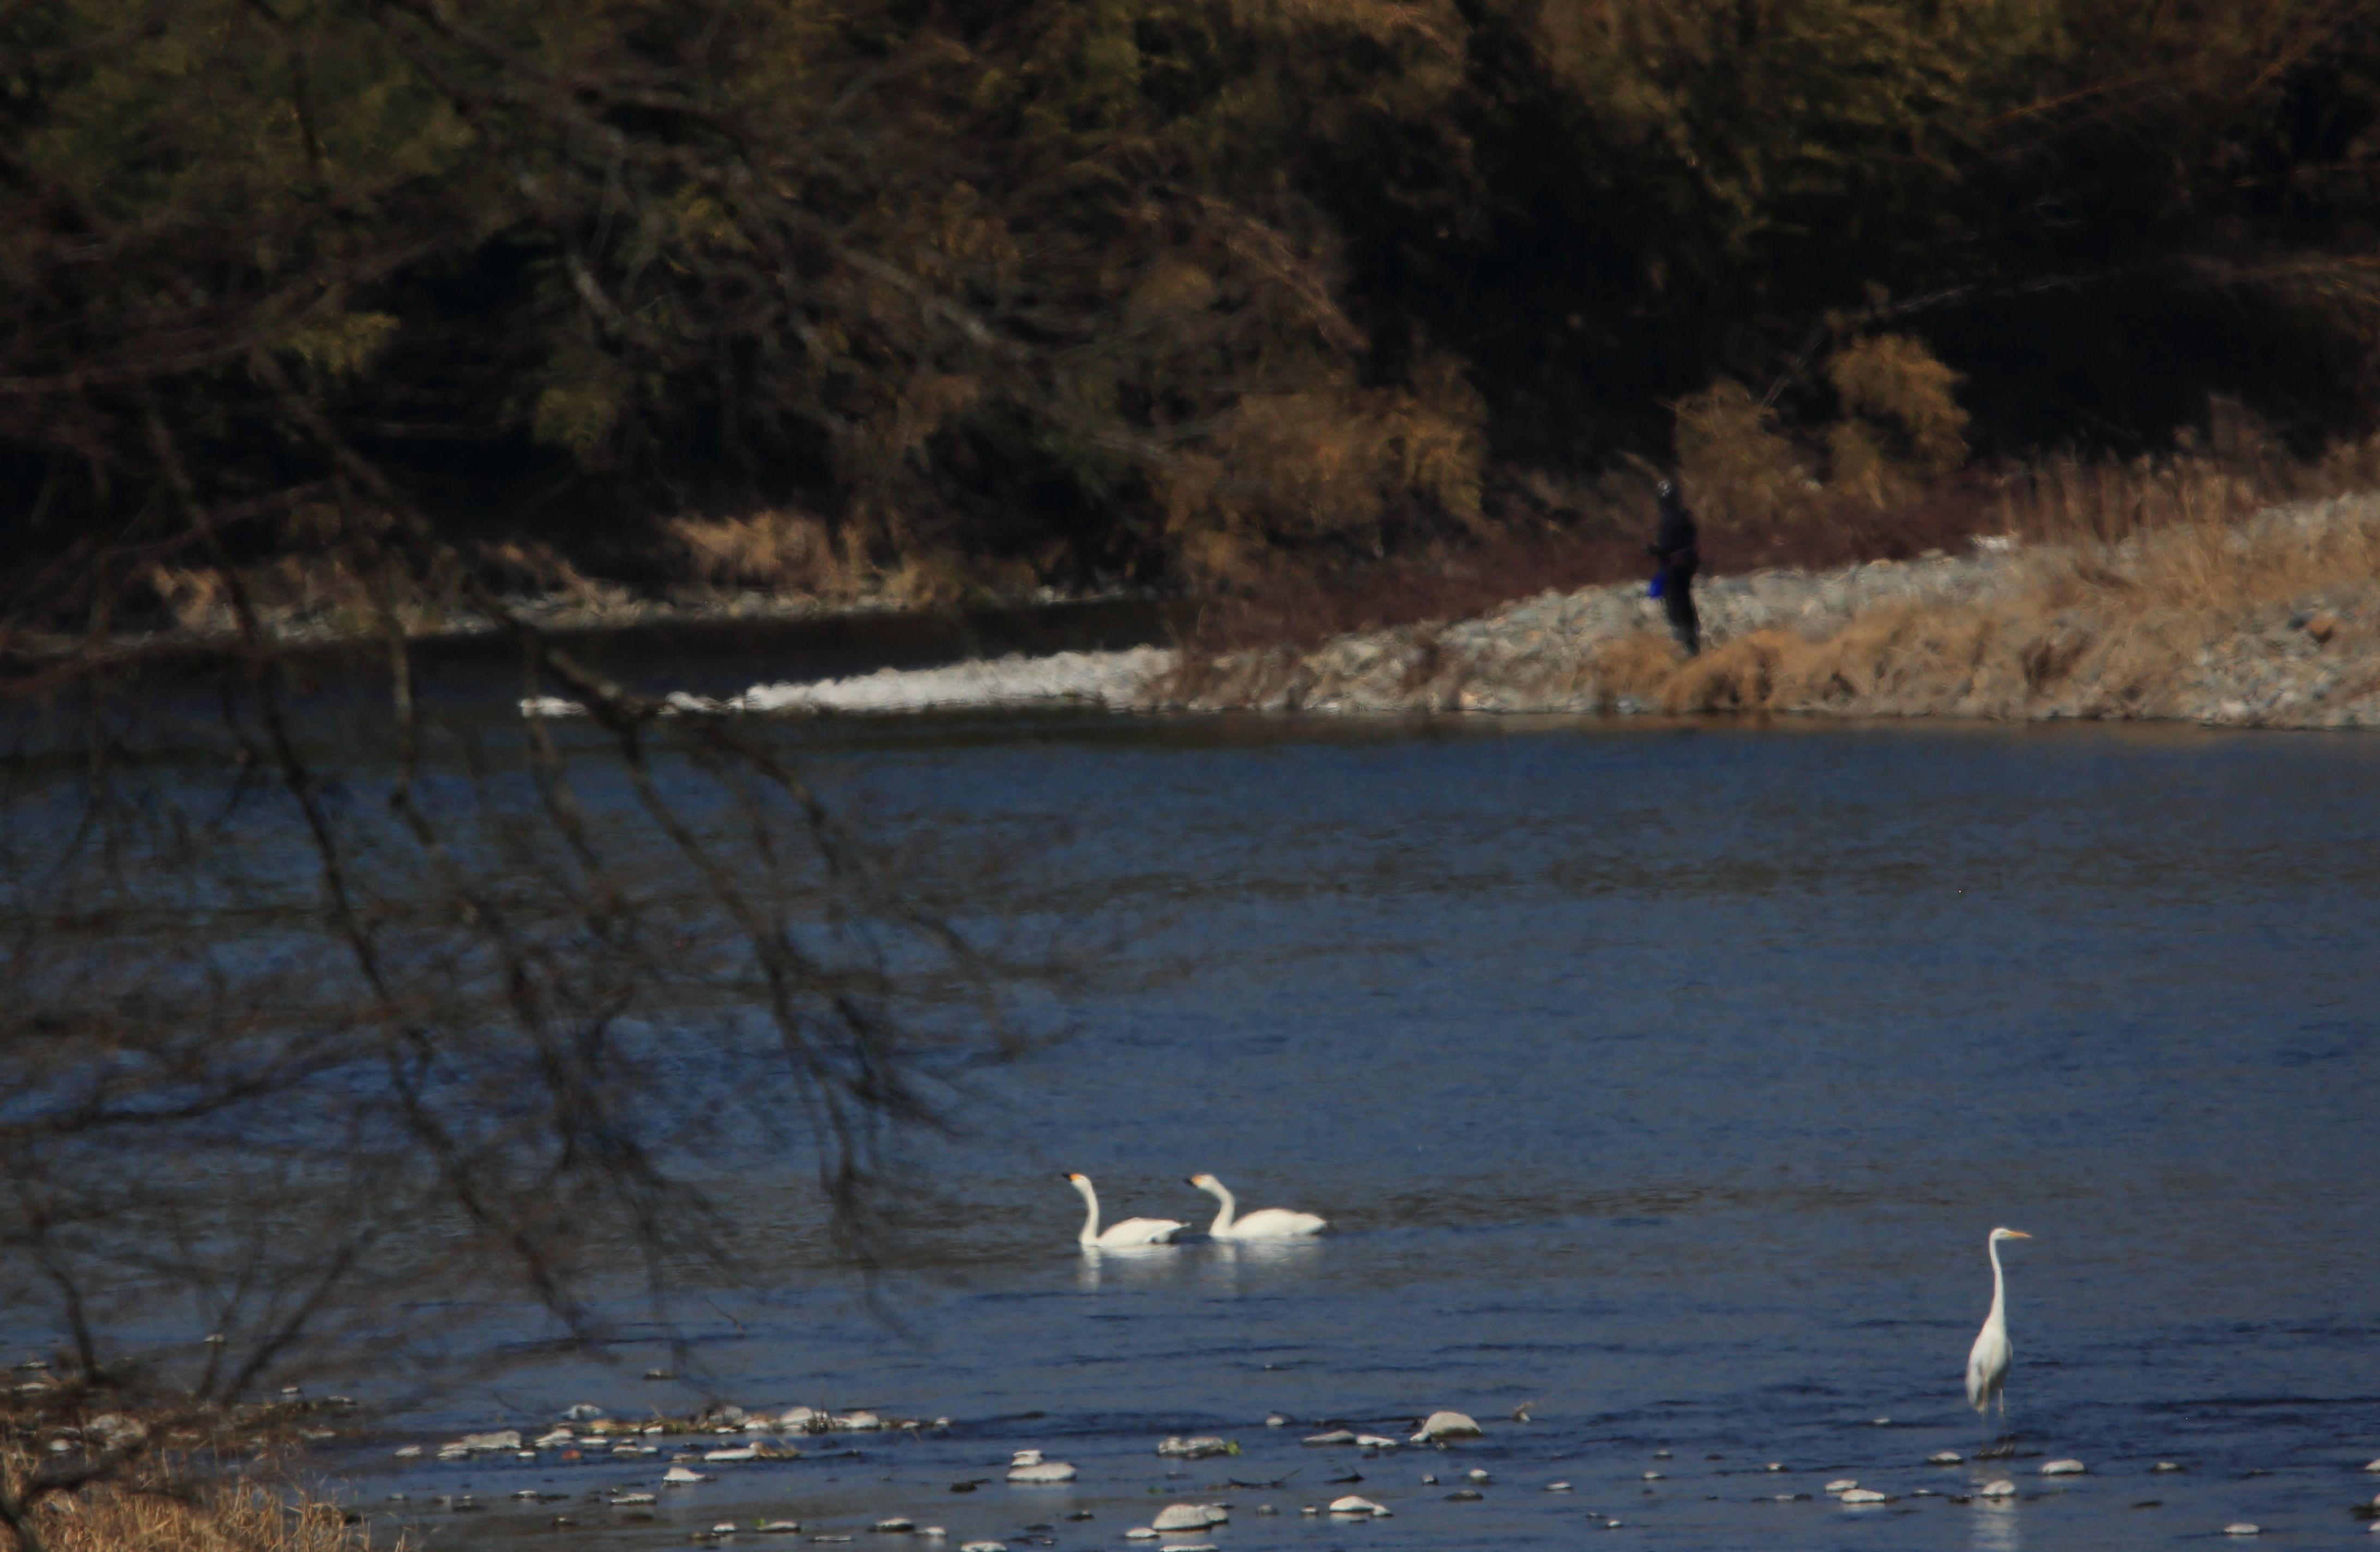 ダイサギと白鳥と釣り人 那珂川にて.JPG